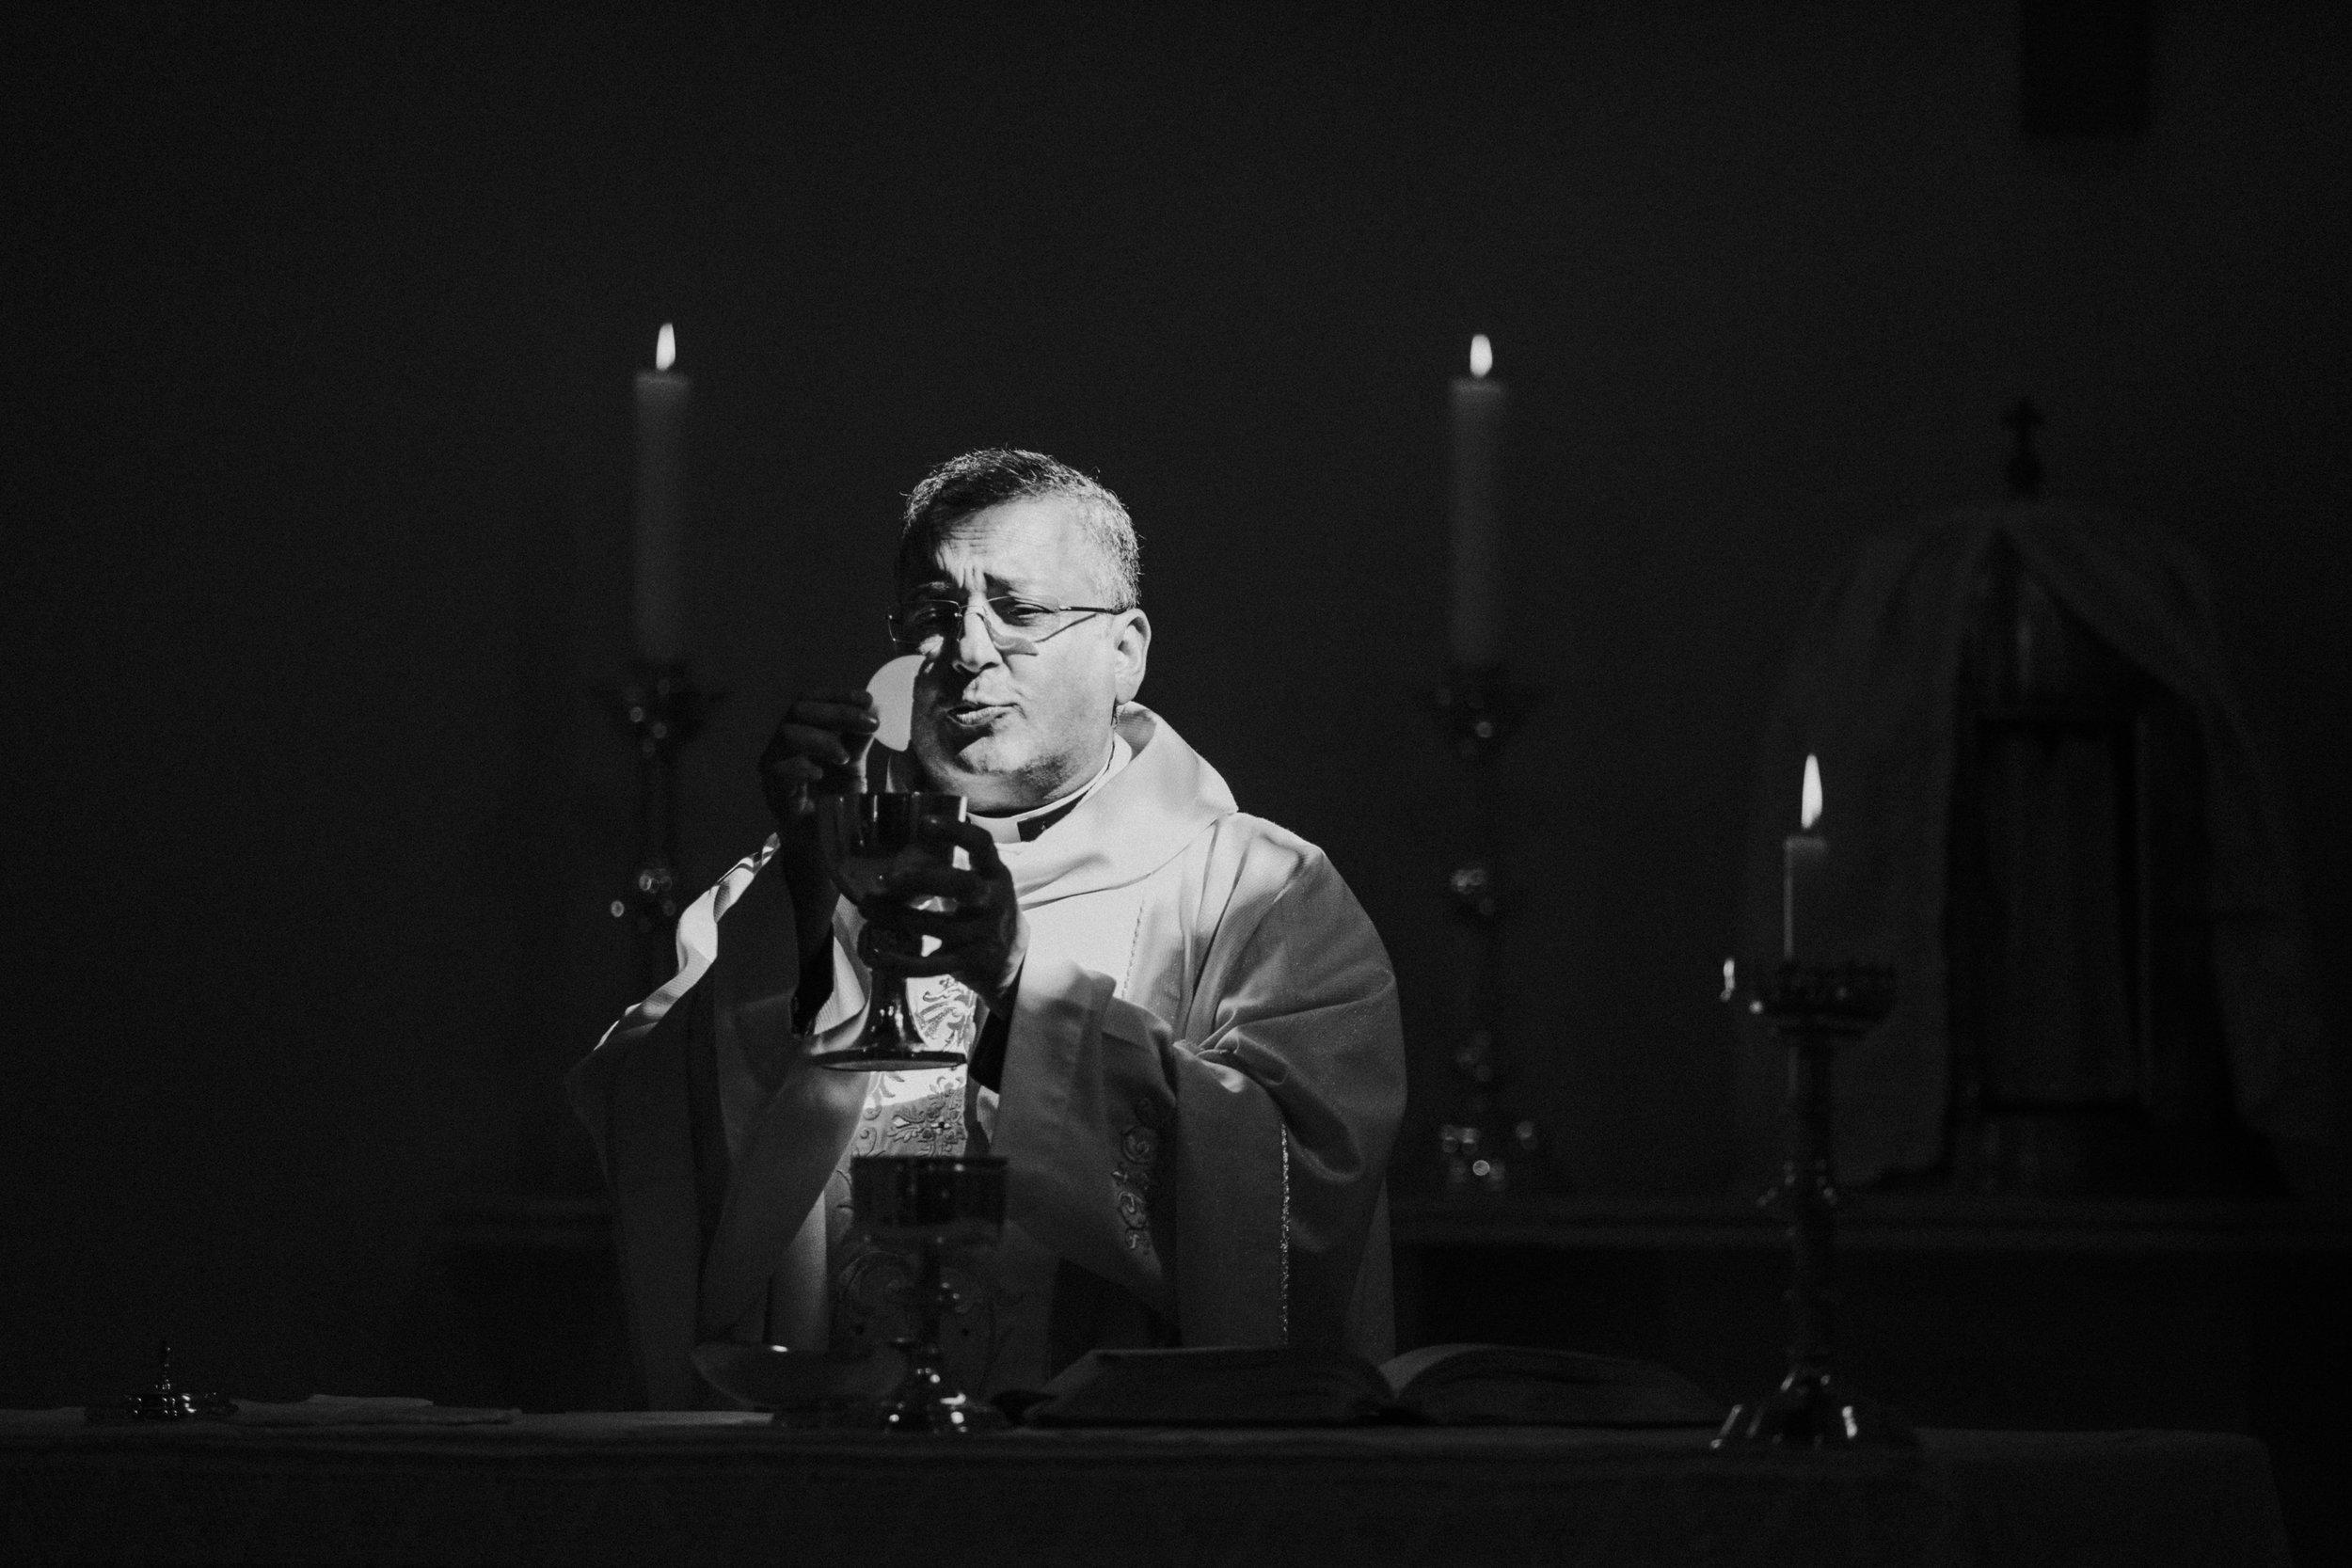 hitchin-hertfordshire-london-wedding-photography-catholic-ceremony-31